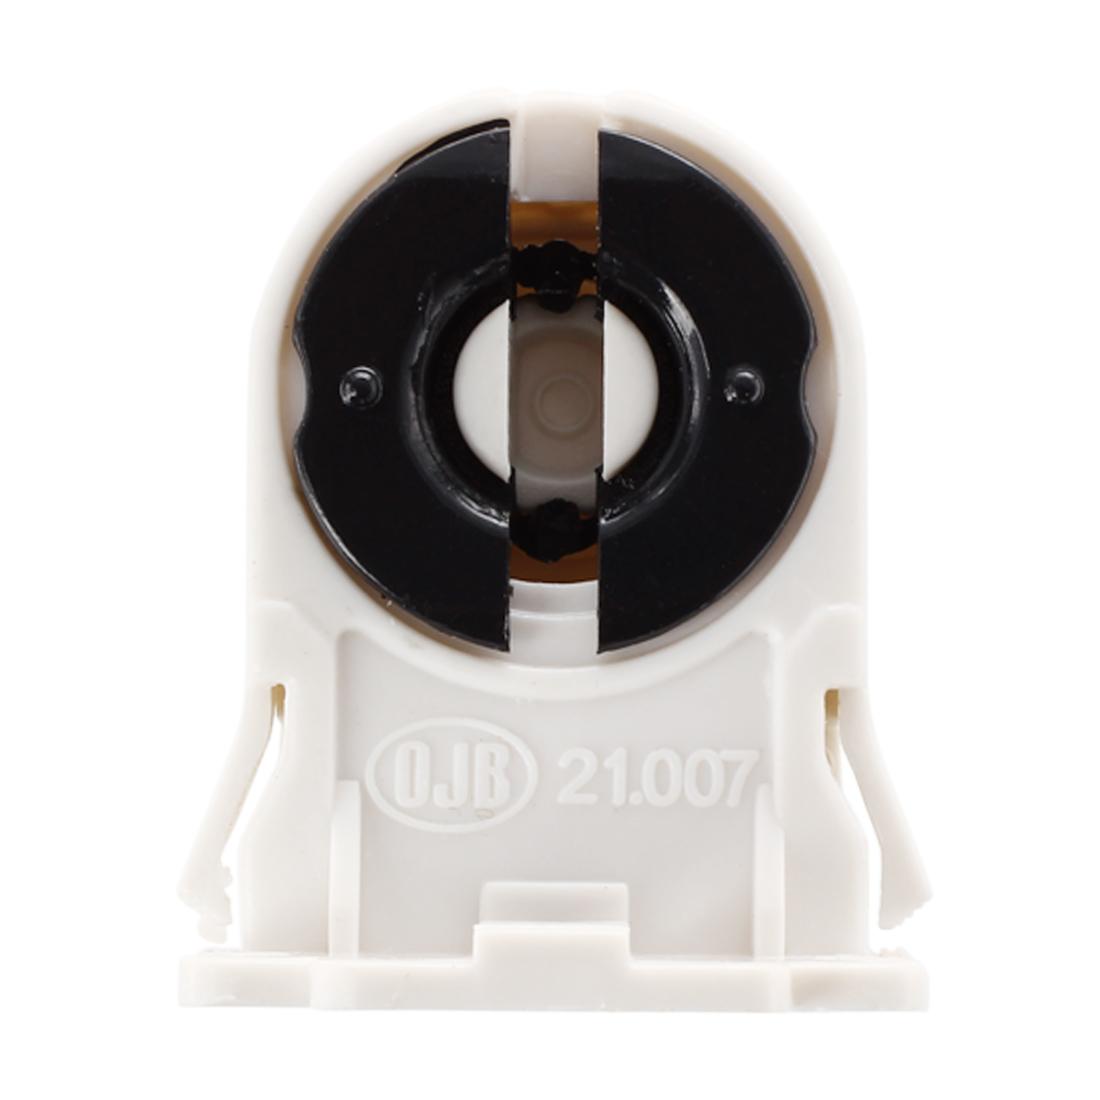 10x t8 fluorescent lighting socket lamp holder hy. Black Bedroom Furniture Sets. Home Design Ideas